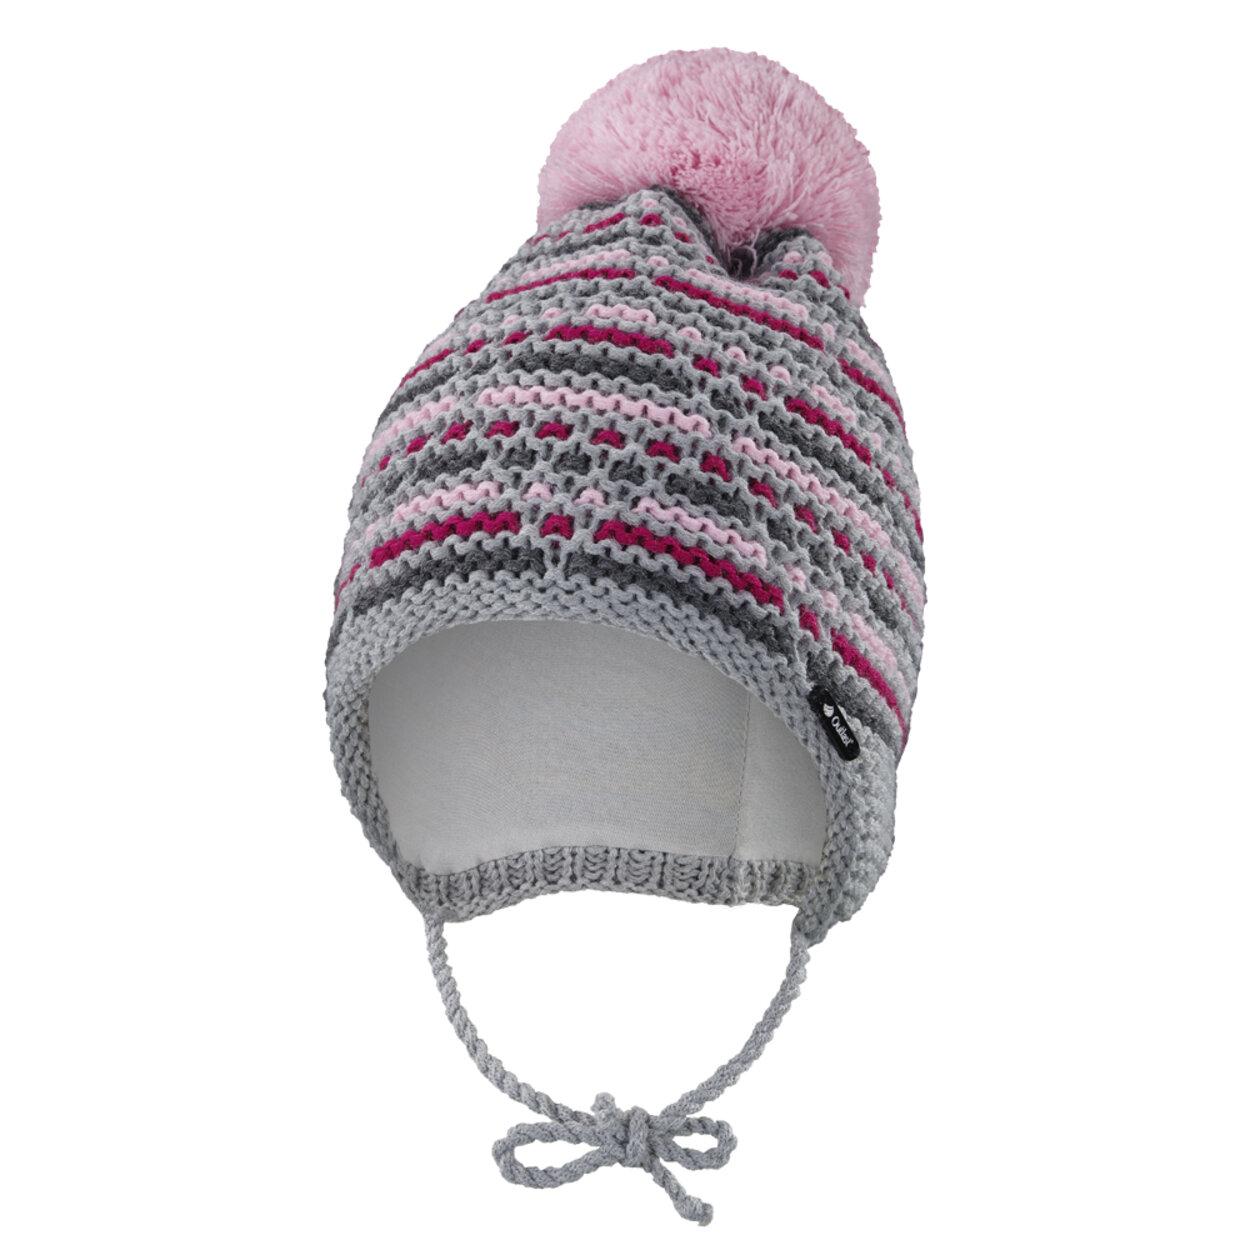 ab2d6797c Čiapka pletená zaväzovacia čiarky Outlast ® veľ.4,45-48cm šedoružové little  angel